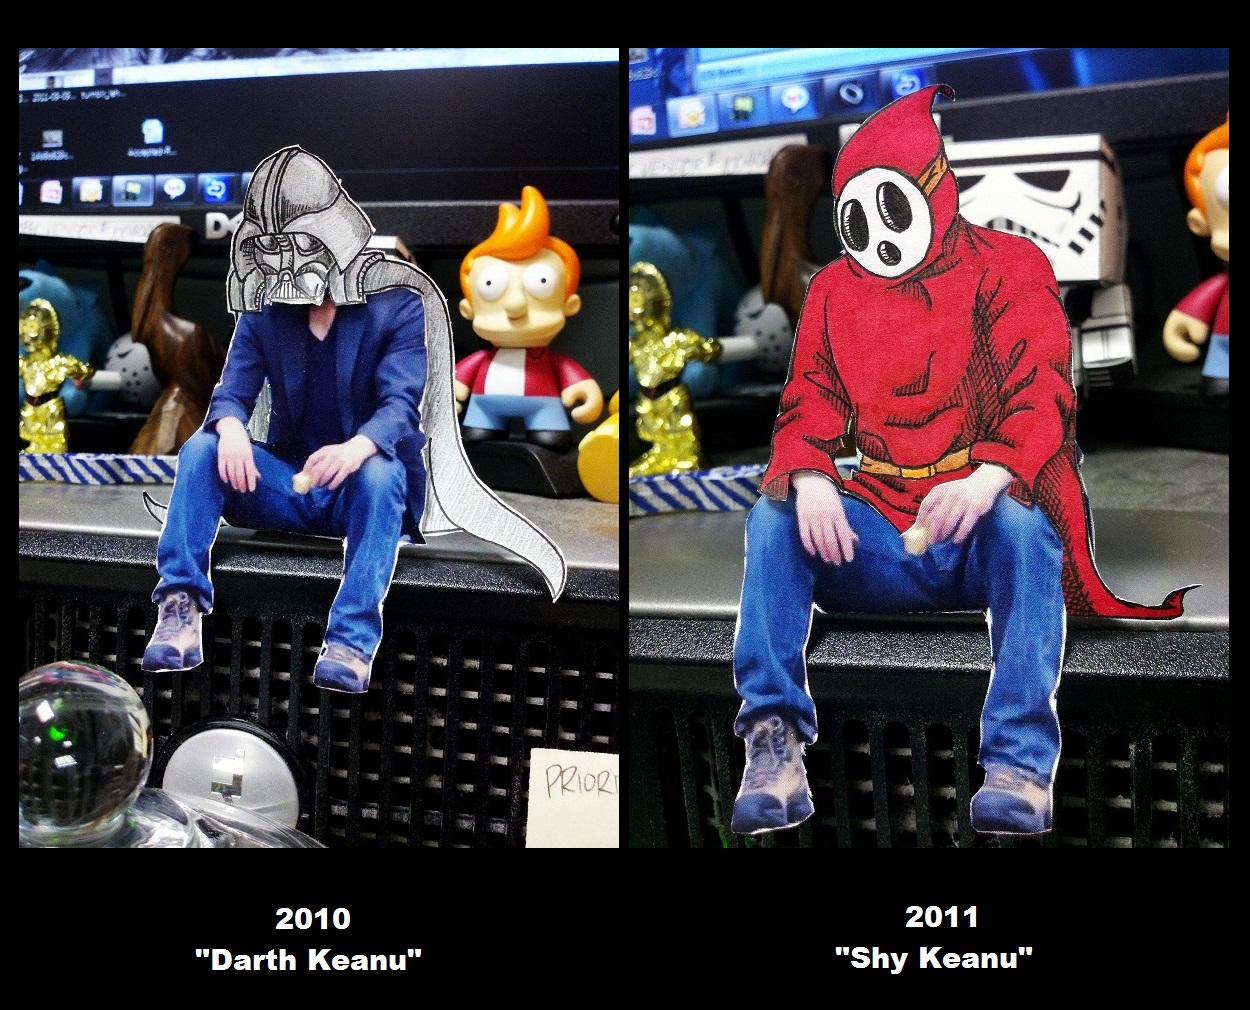 http://1.bp.blogspot.com/-tTh3w0_yKaI/Tp8cD44jsSI/AAAAAAAAATs/LqvncHIQyao/s1600/Sad_Keanu_costumes.jpg